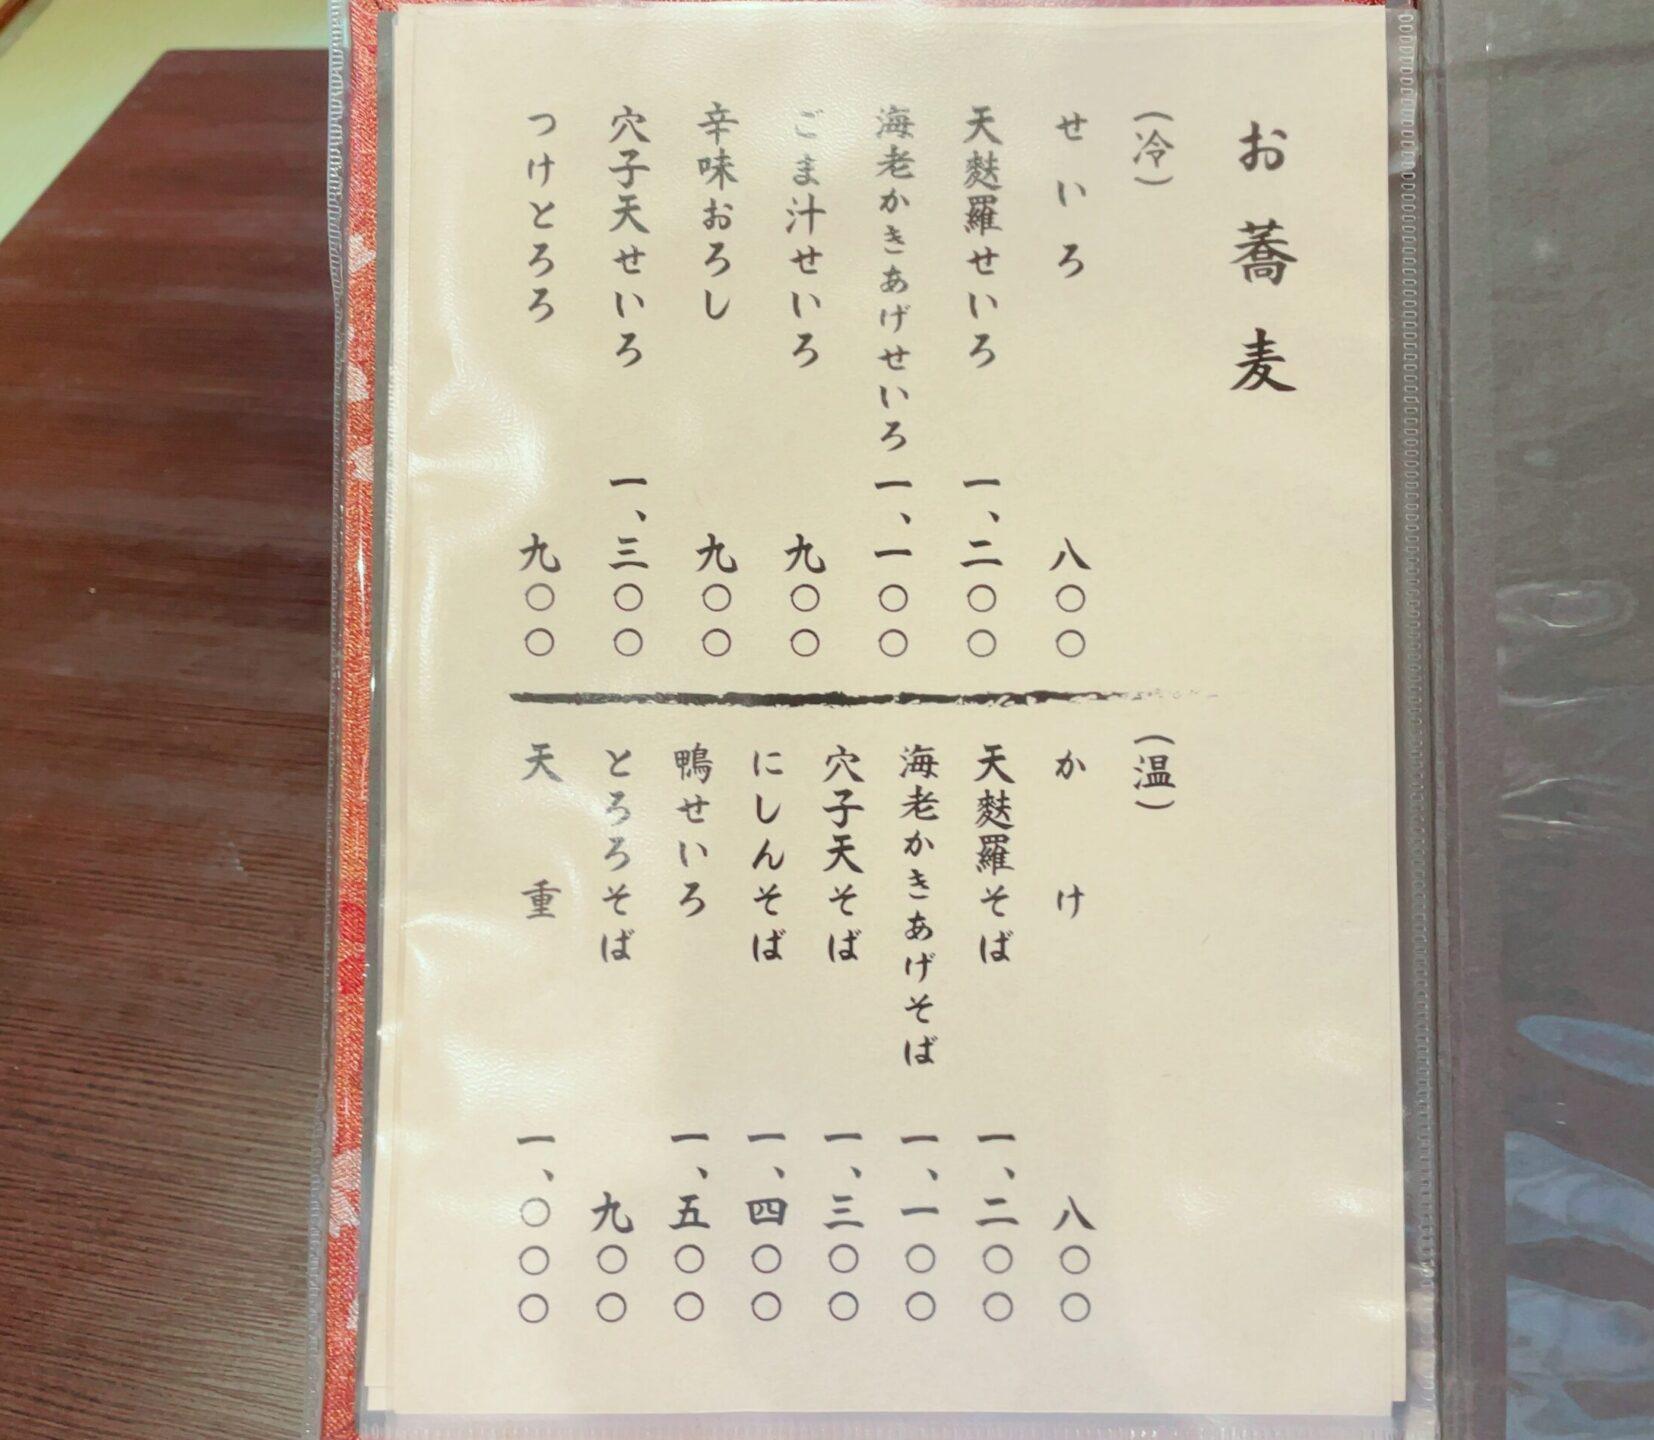 千尋庵の蕎麦メニュー